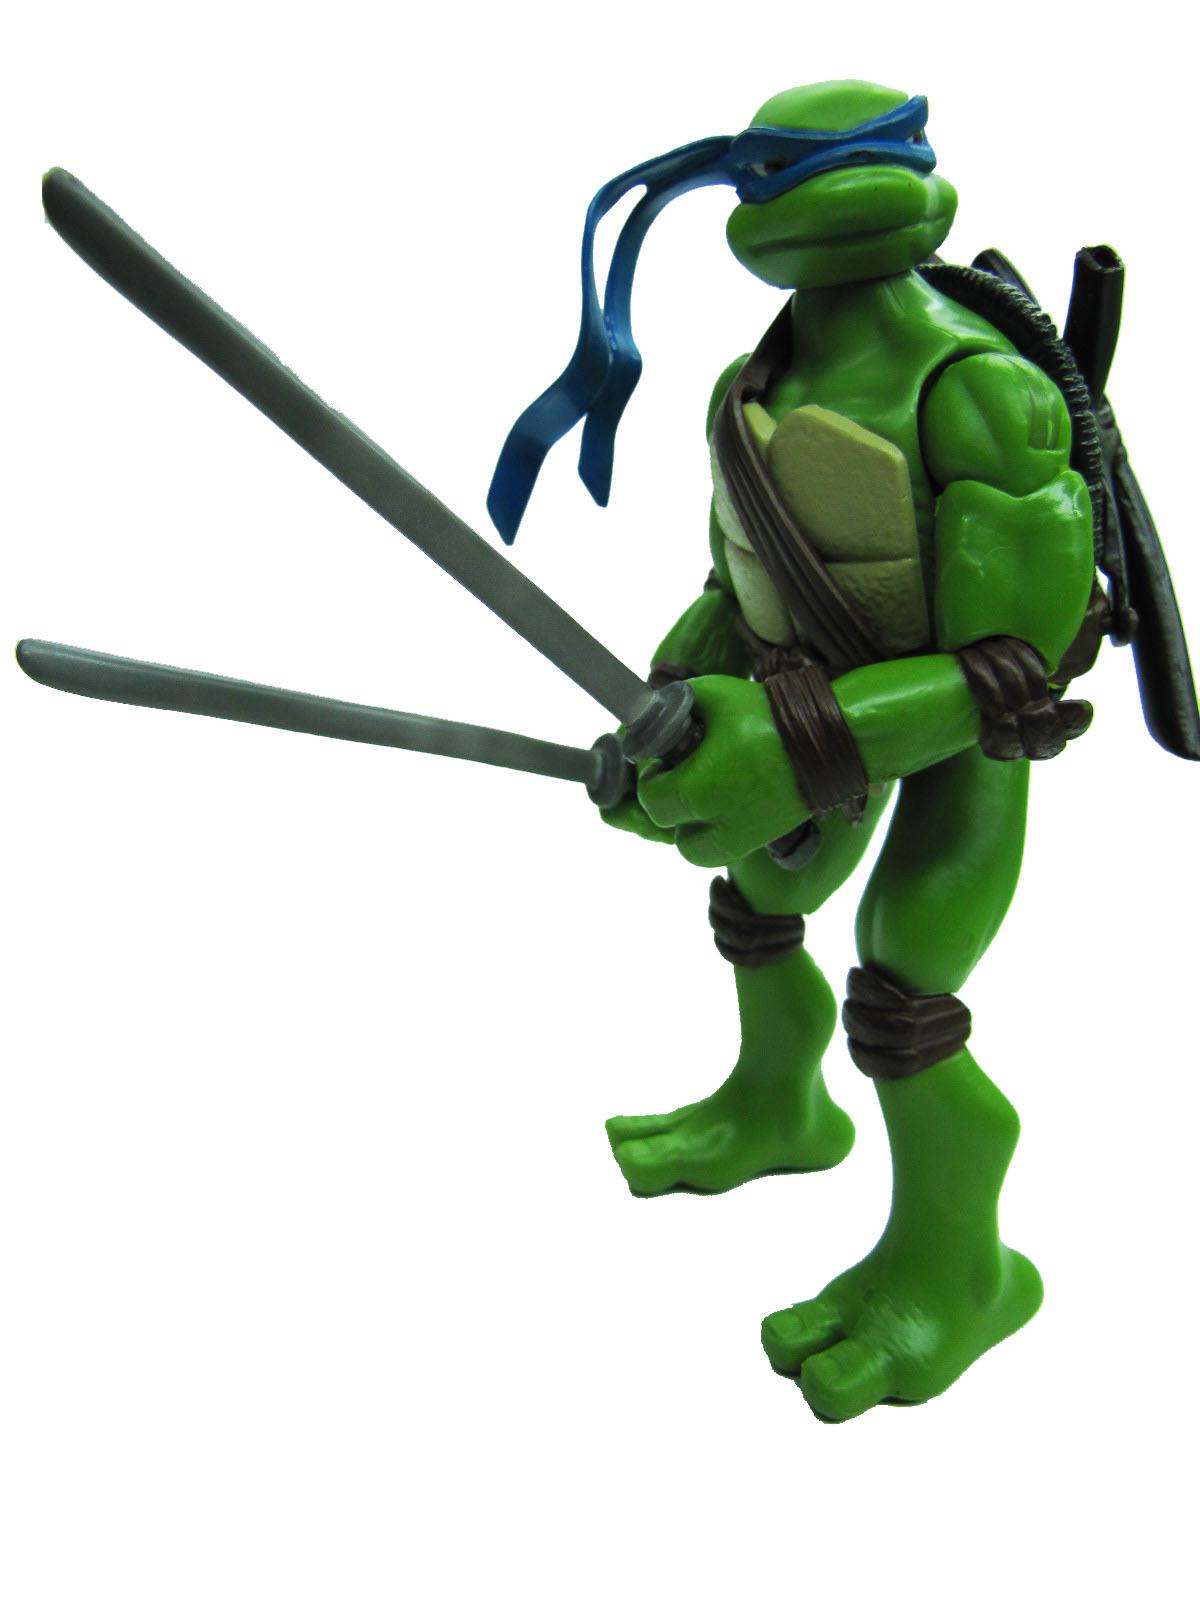 Teenage Muntant Ninja Turtles Tmnt Leonardo Complete My